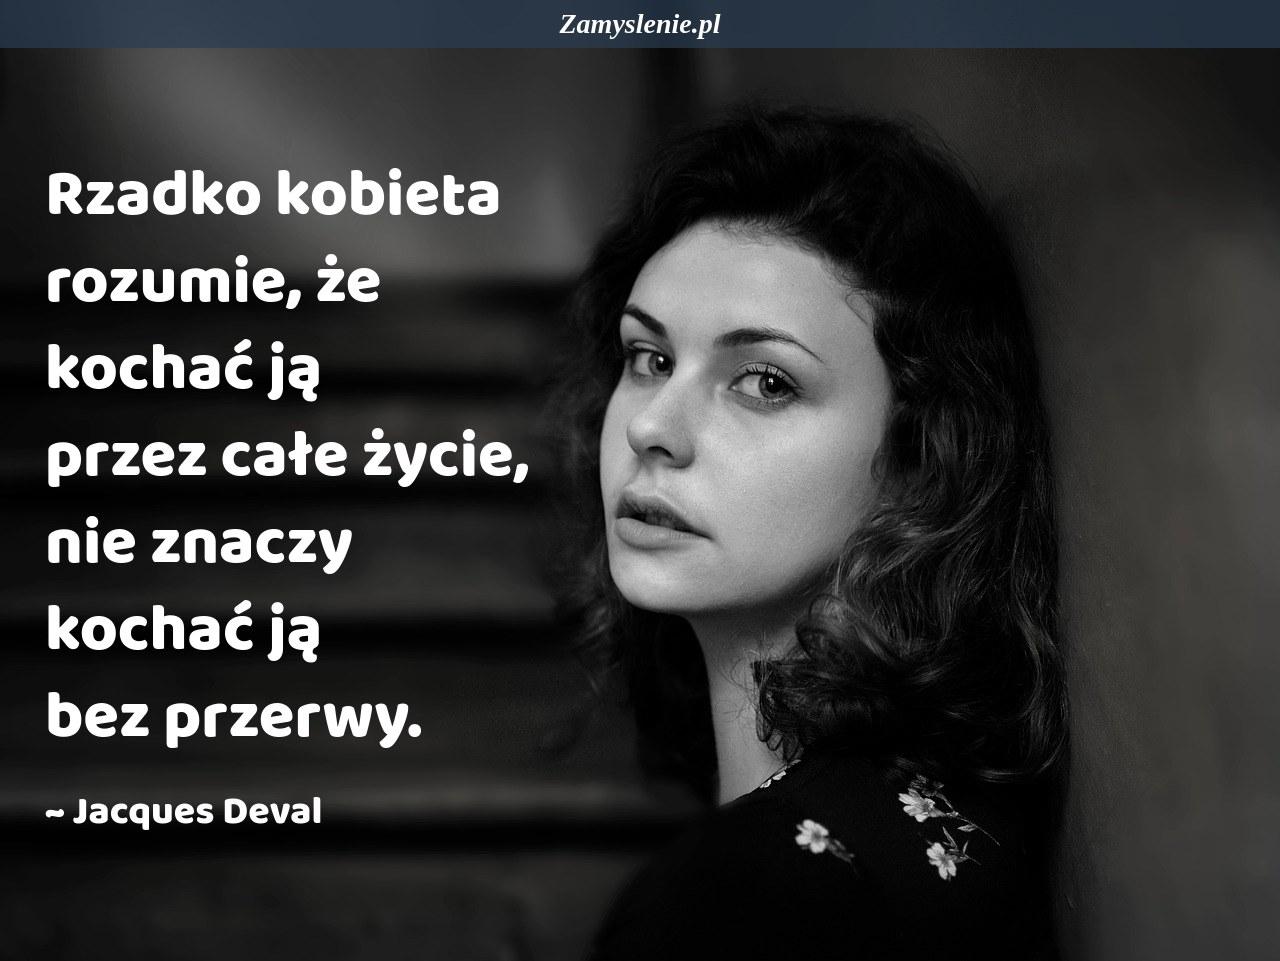 Obraz / mem do cytatu: Rzadko kobieta rozumie, że kochać ją przez całe życie, nie znaczy kochać ją bez przerwy.